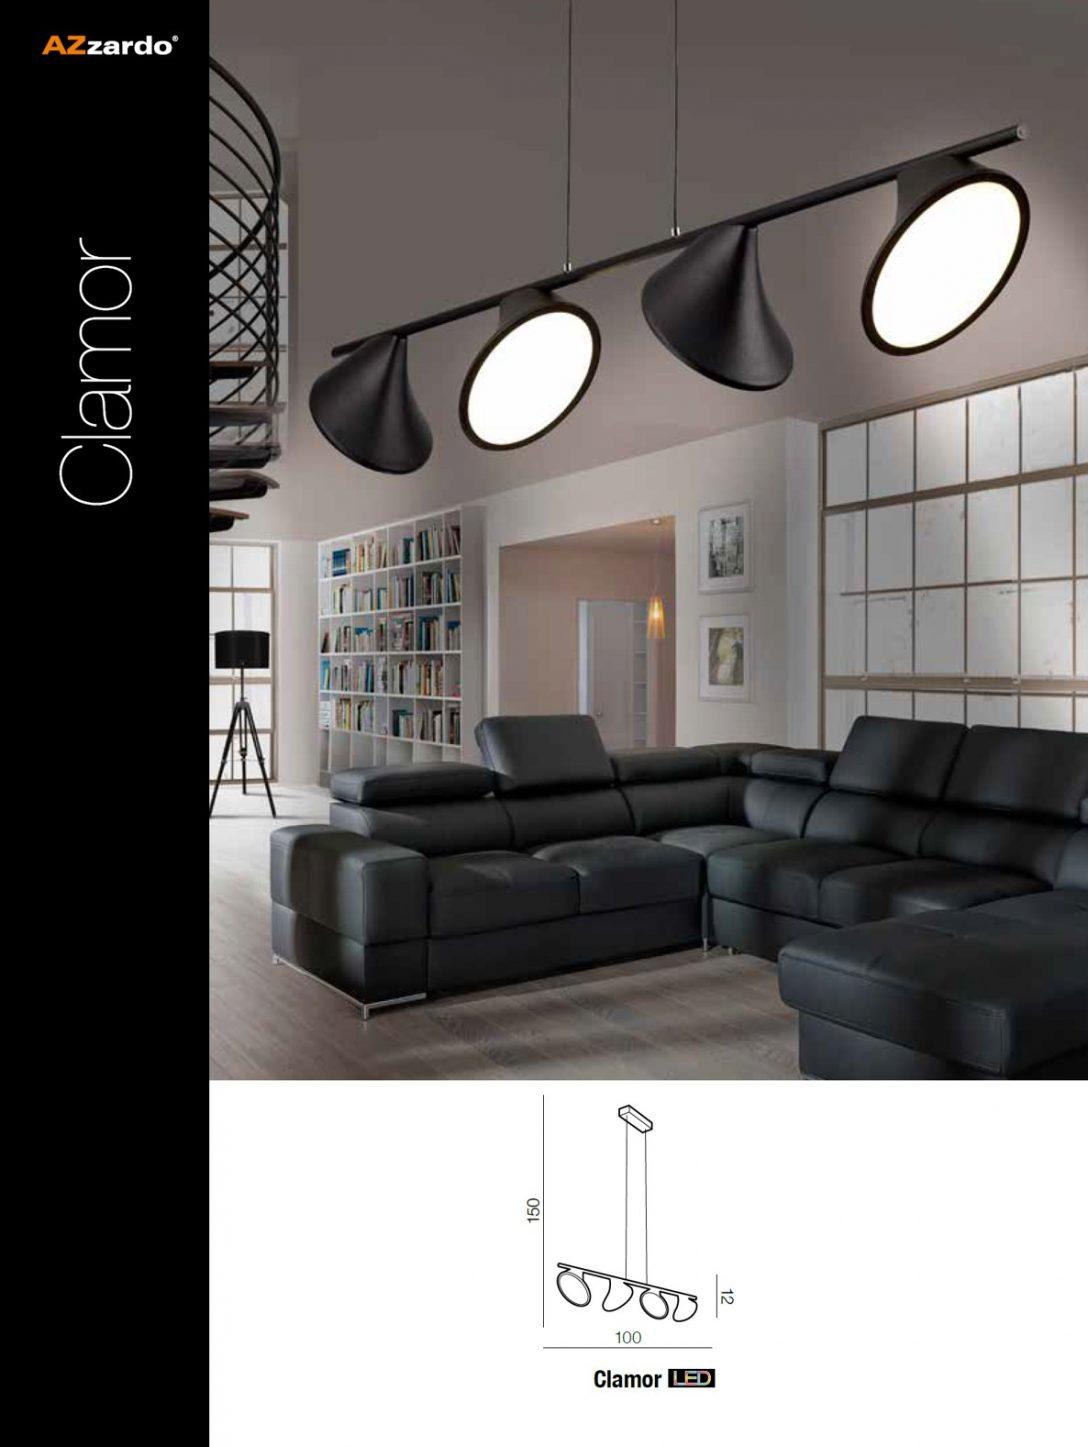 Large Size of E Leuchten Moderne Clamor Lampen Leuchtende Modernes Bett 180x200 Bad Led Deckenleuchte Wohnzimmer Deckenlampen Für Stehlampen Sofa Modern Schlafzimmer Bilder Wohnzimmer Moderne Lampen